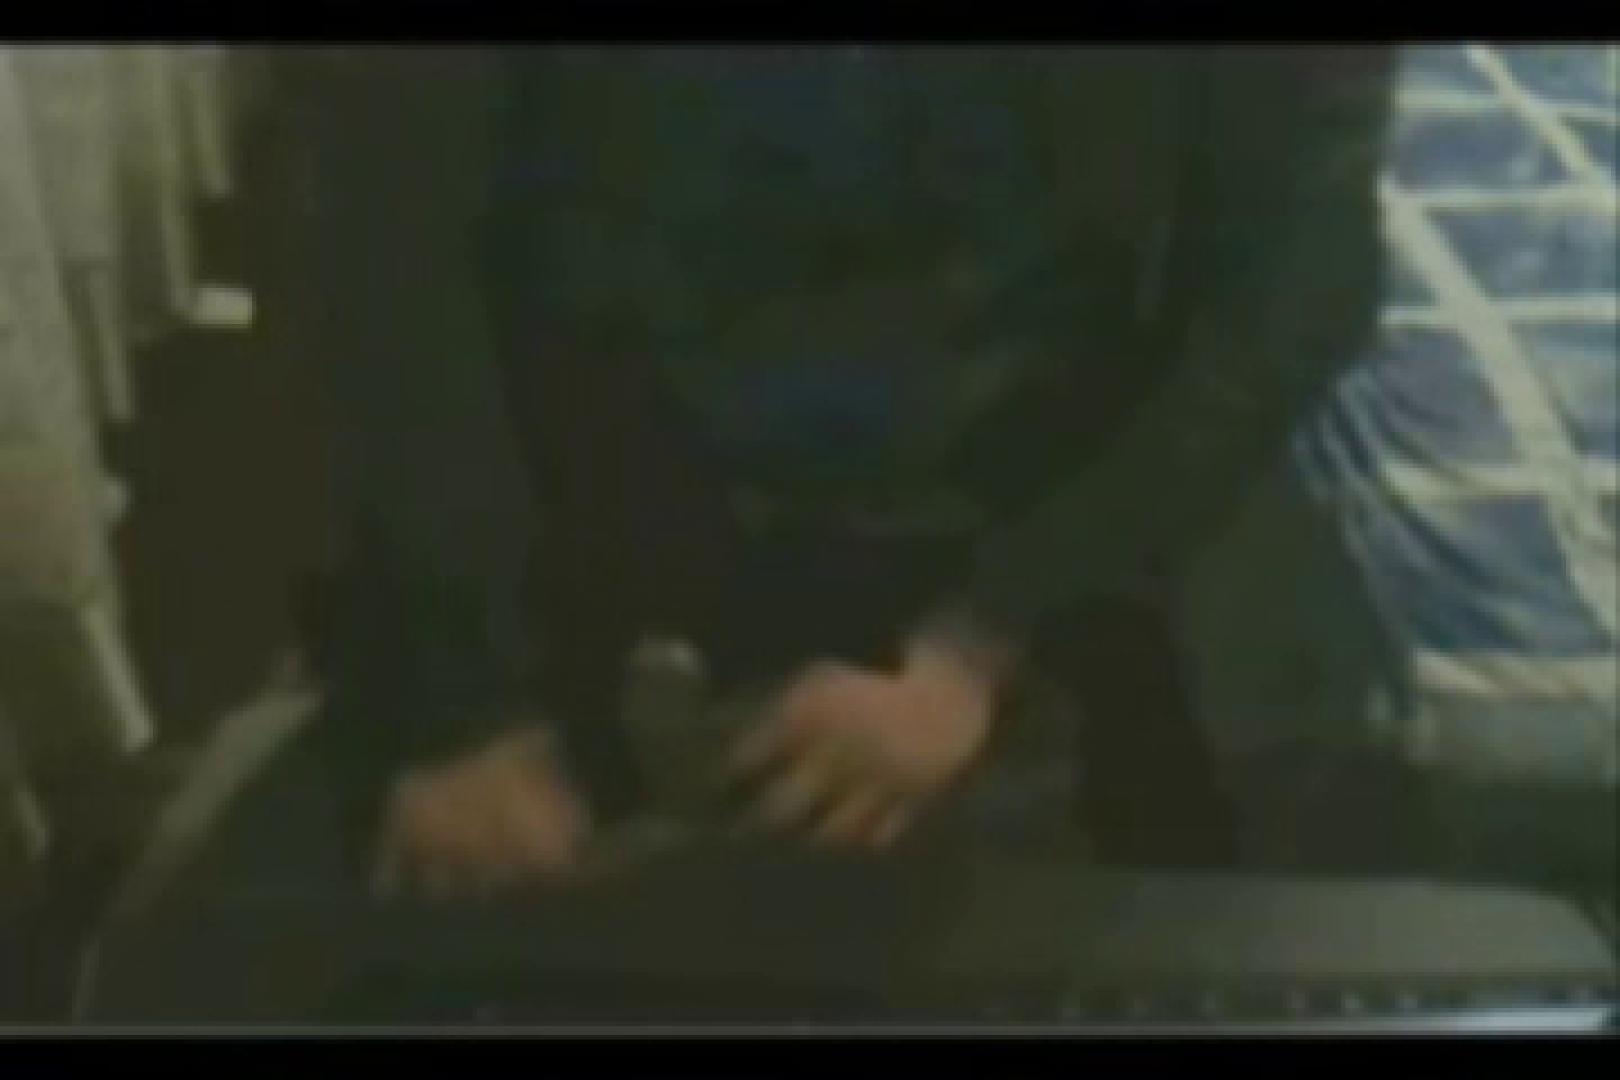 ファイル流出! ! パソコン画面を目の前に自画撮りオナニー チンコ 射精無修正動画 107枚 44